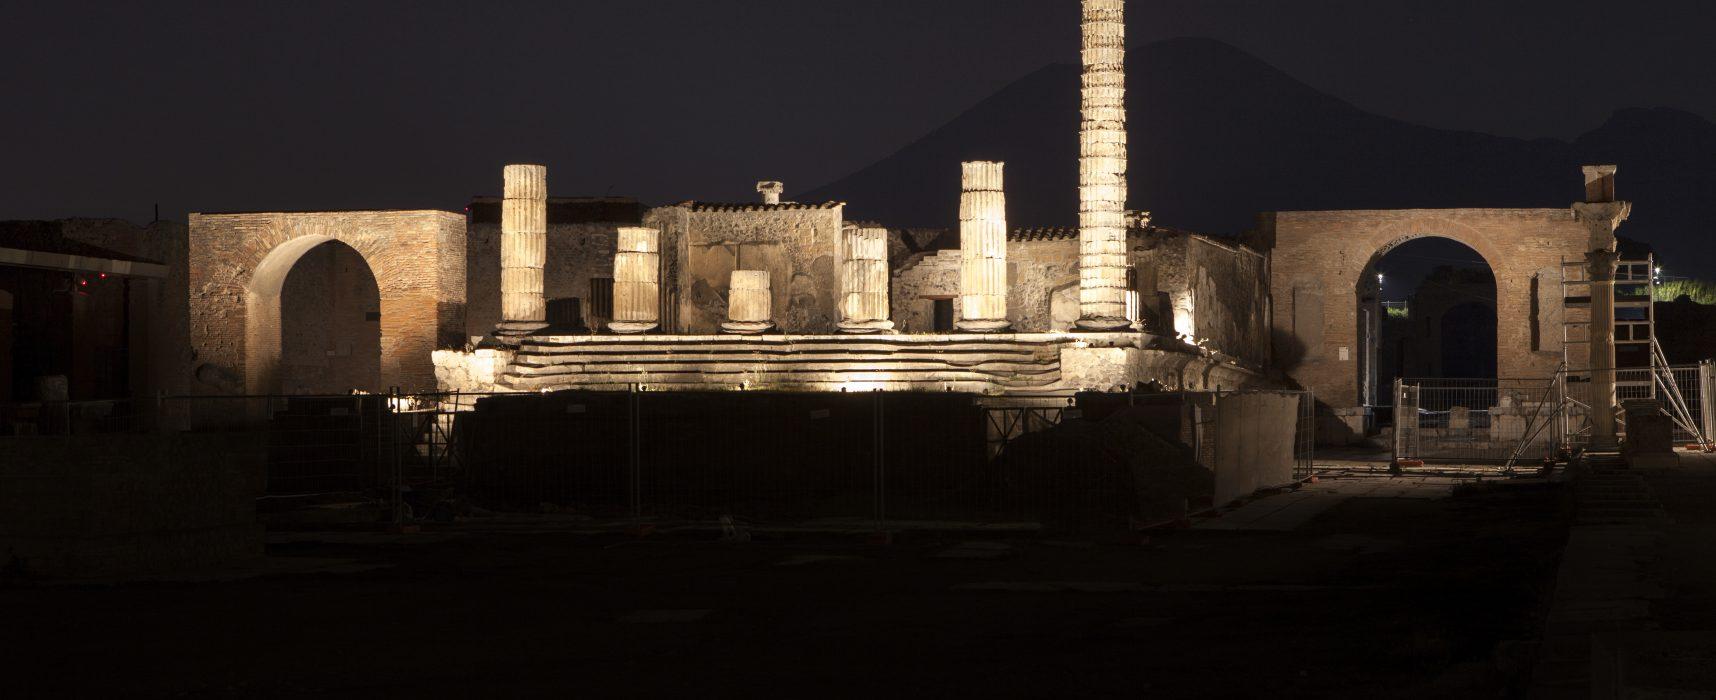 Pompei nuove luci